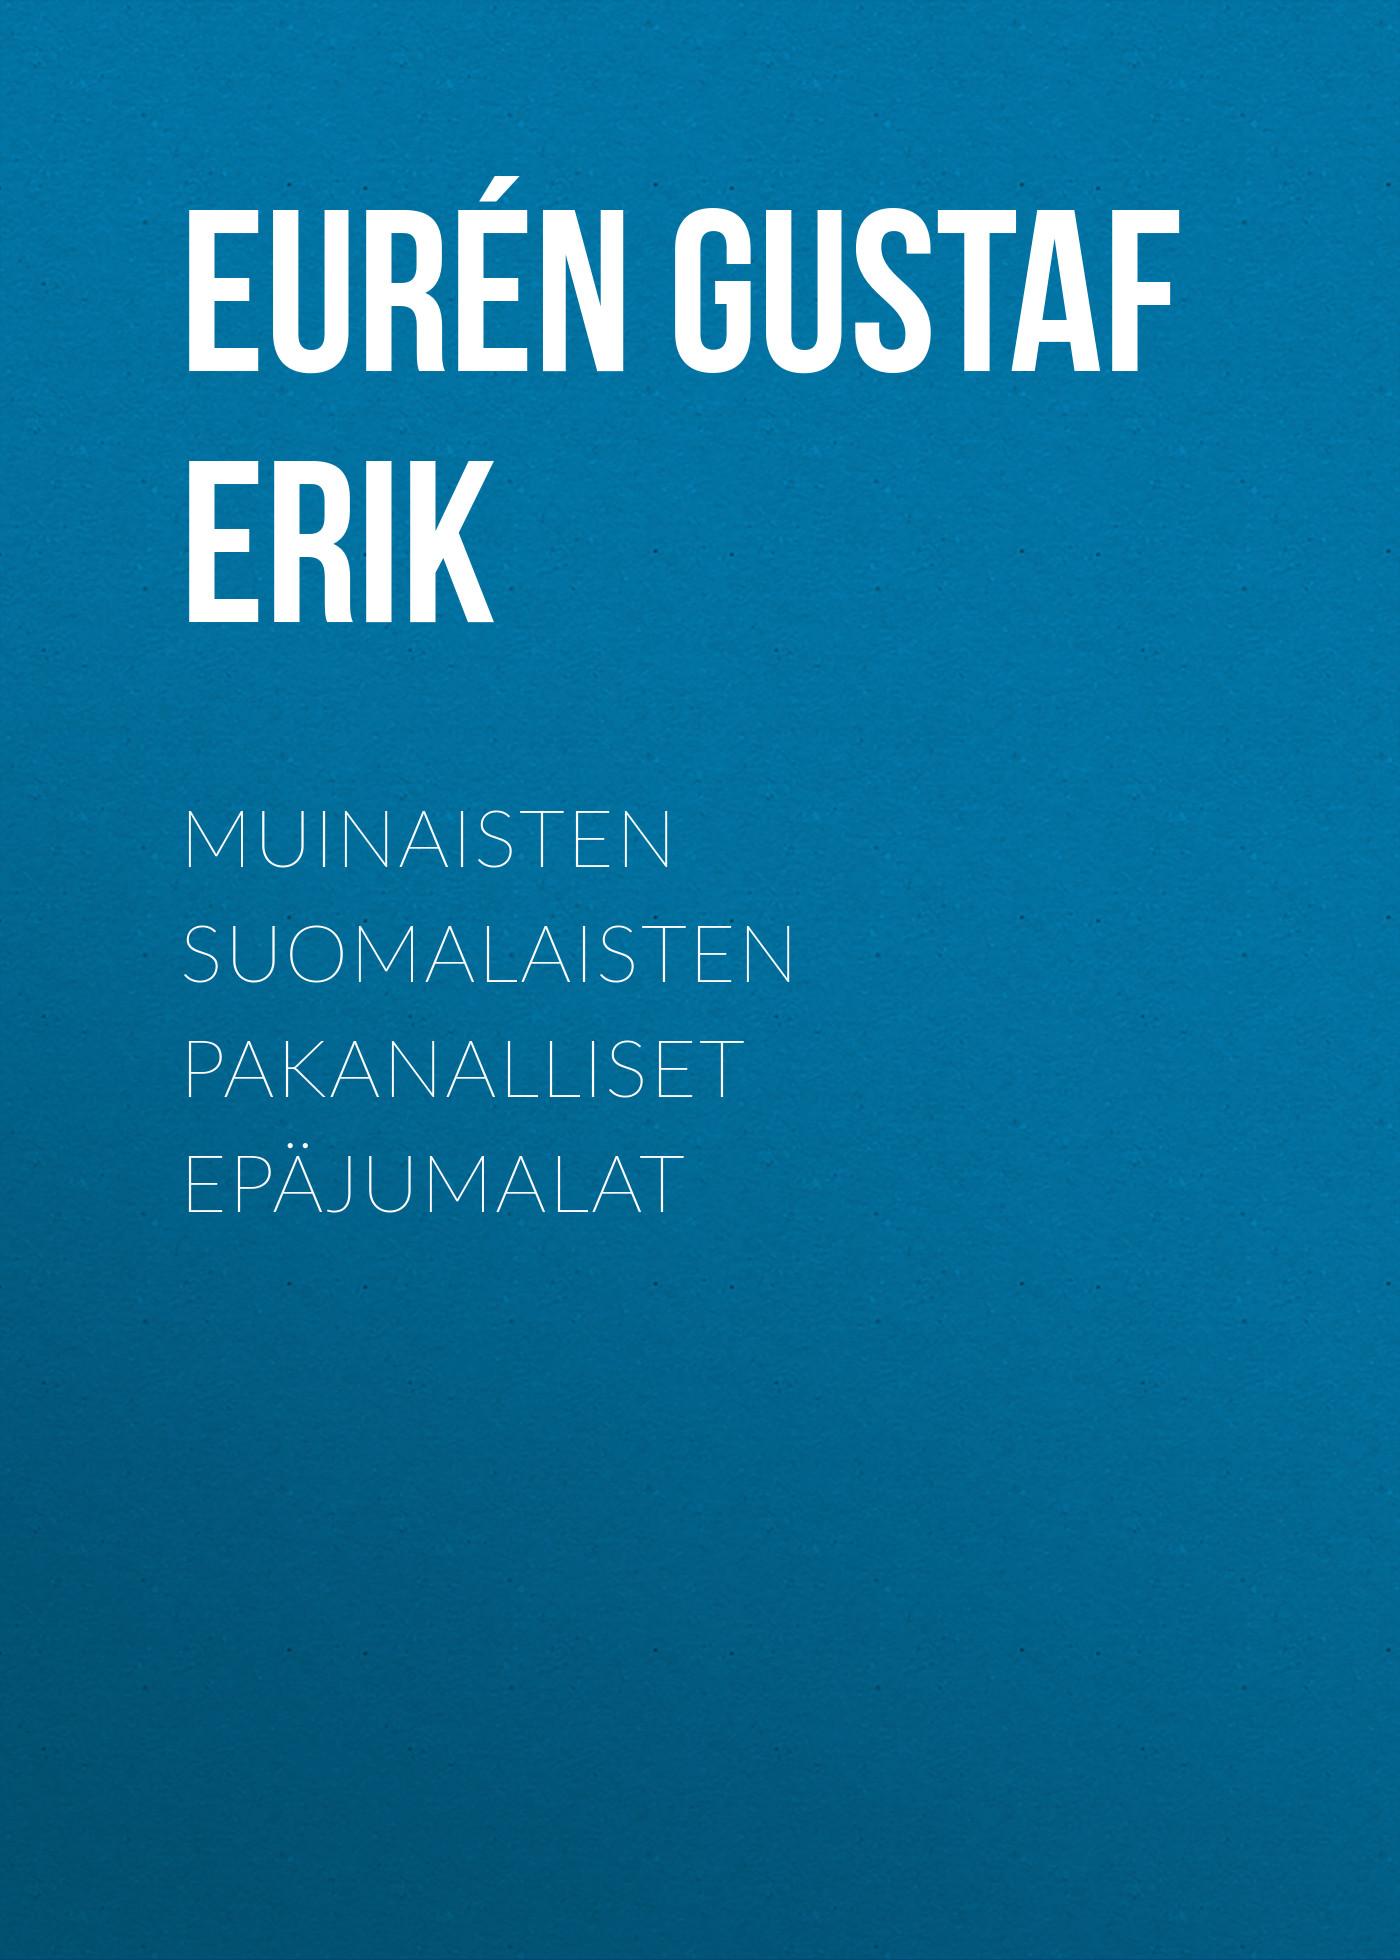 цены Eurén Gustaf Erik Muinaisten suomalaisten pakanalliset epäjumalat